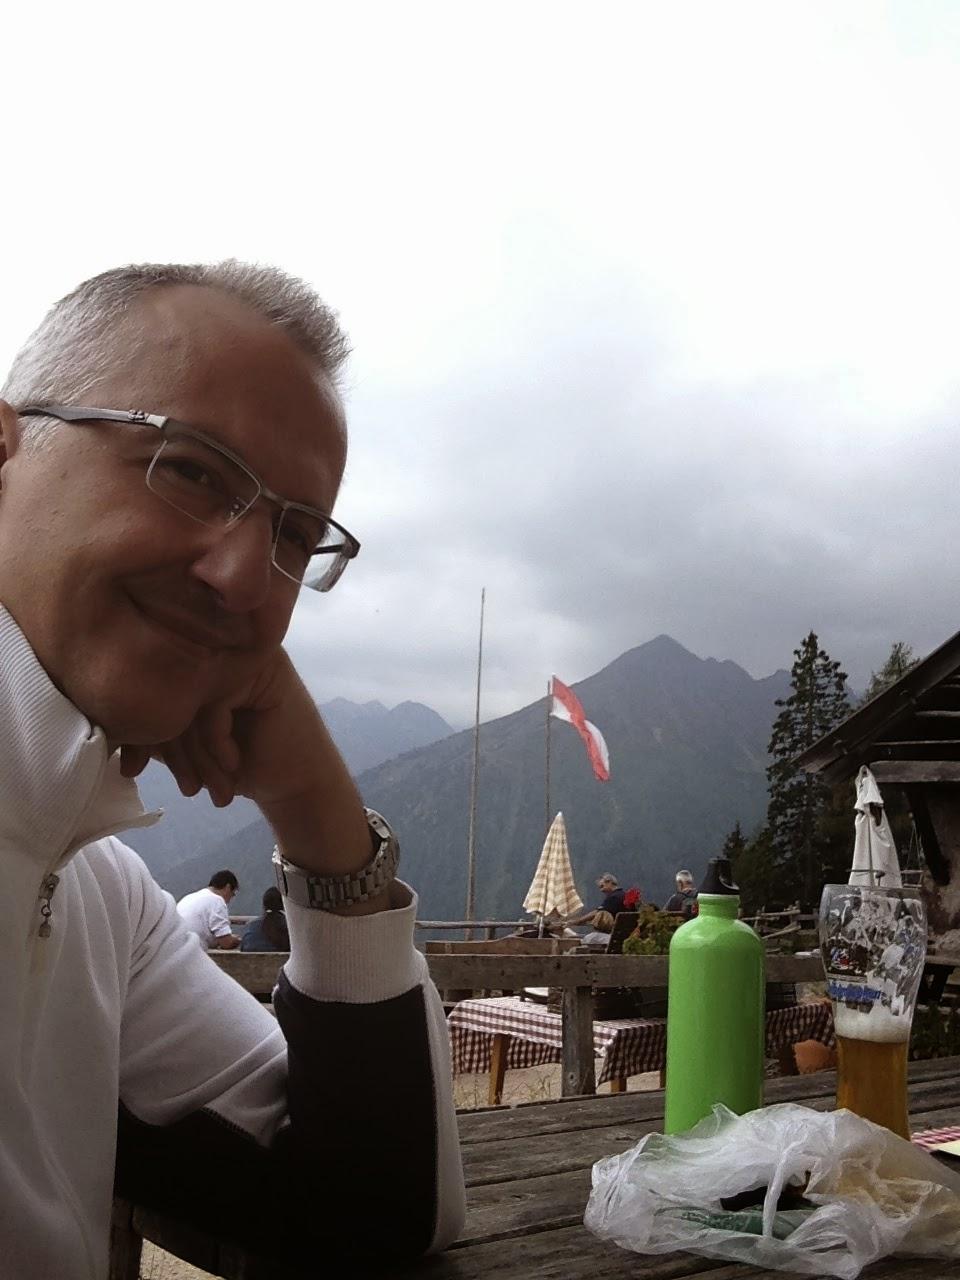 116-David-Bramini---Bolzano.jpg